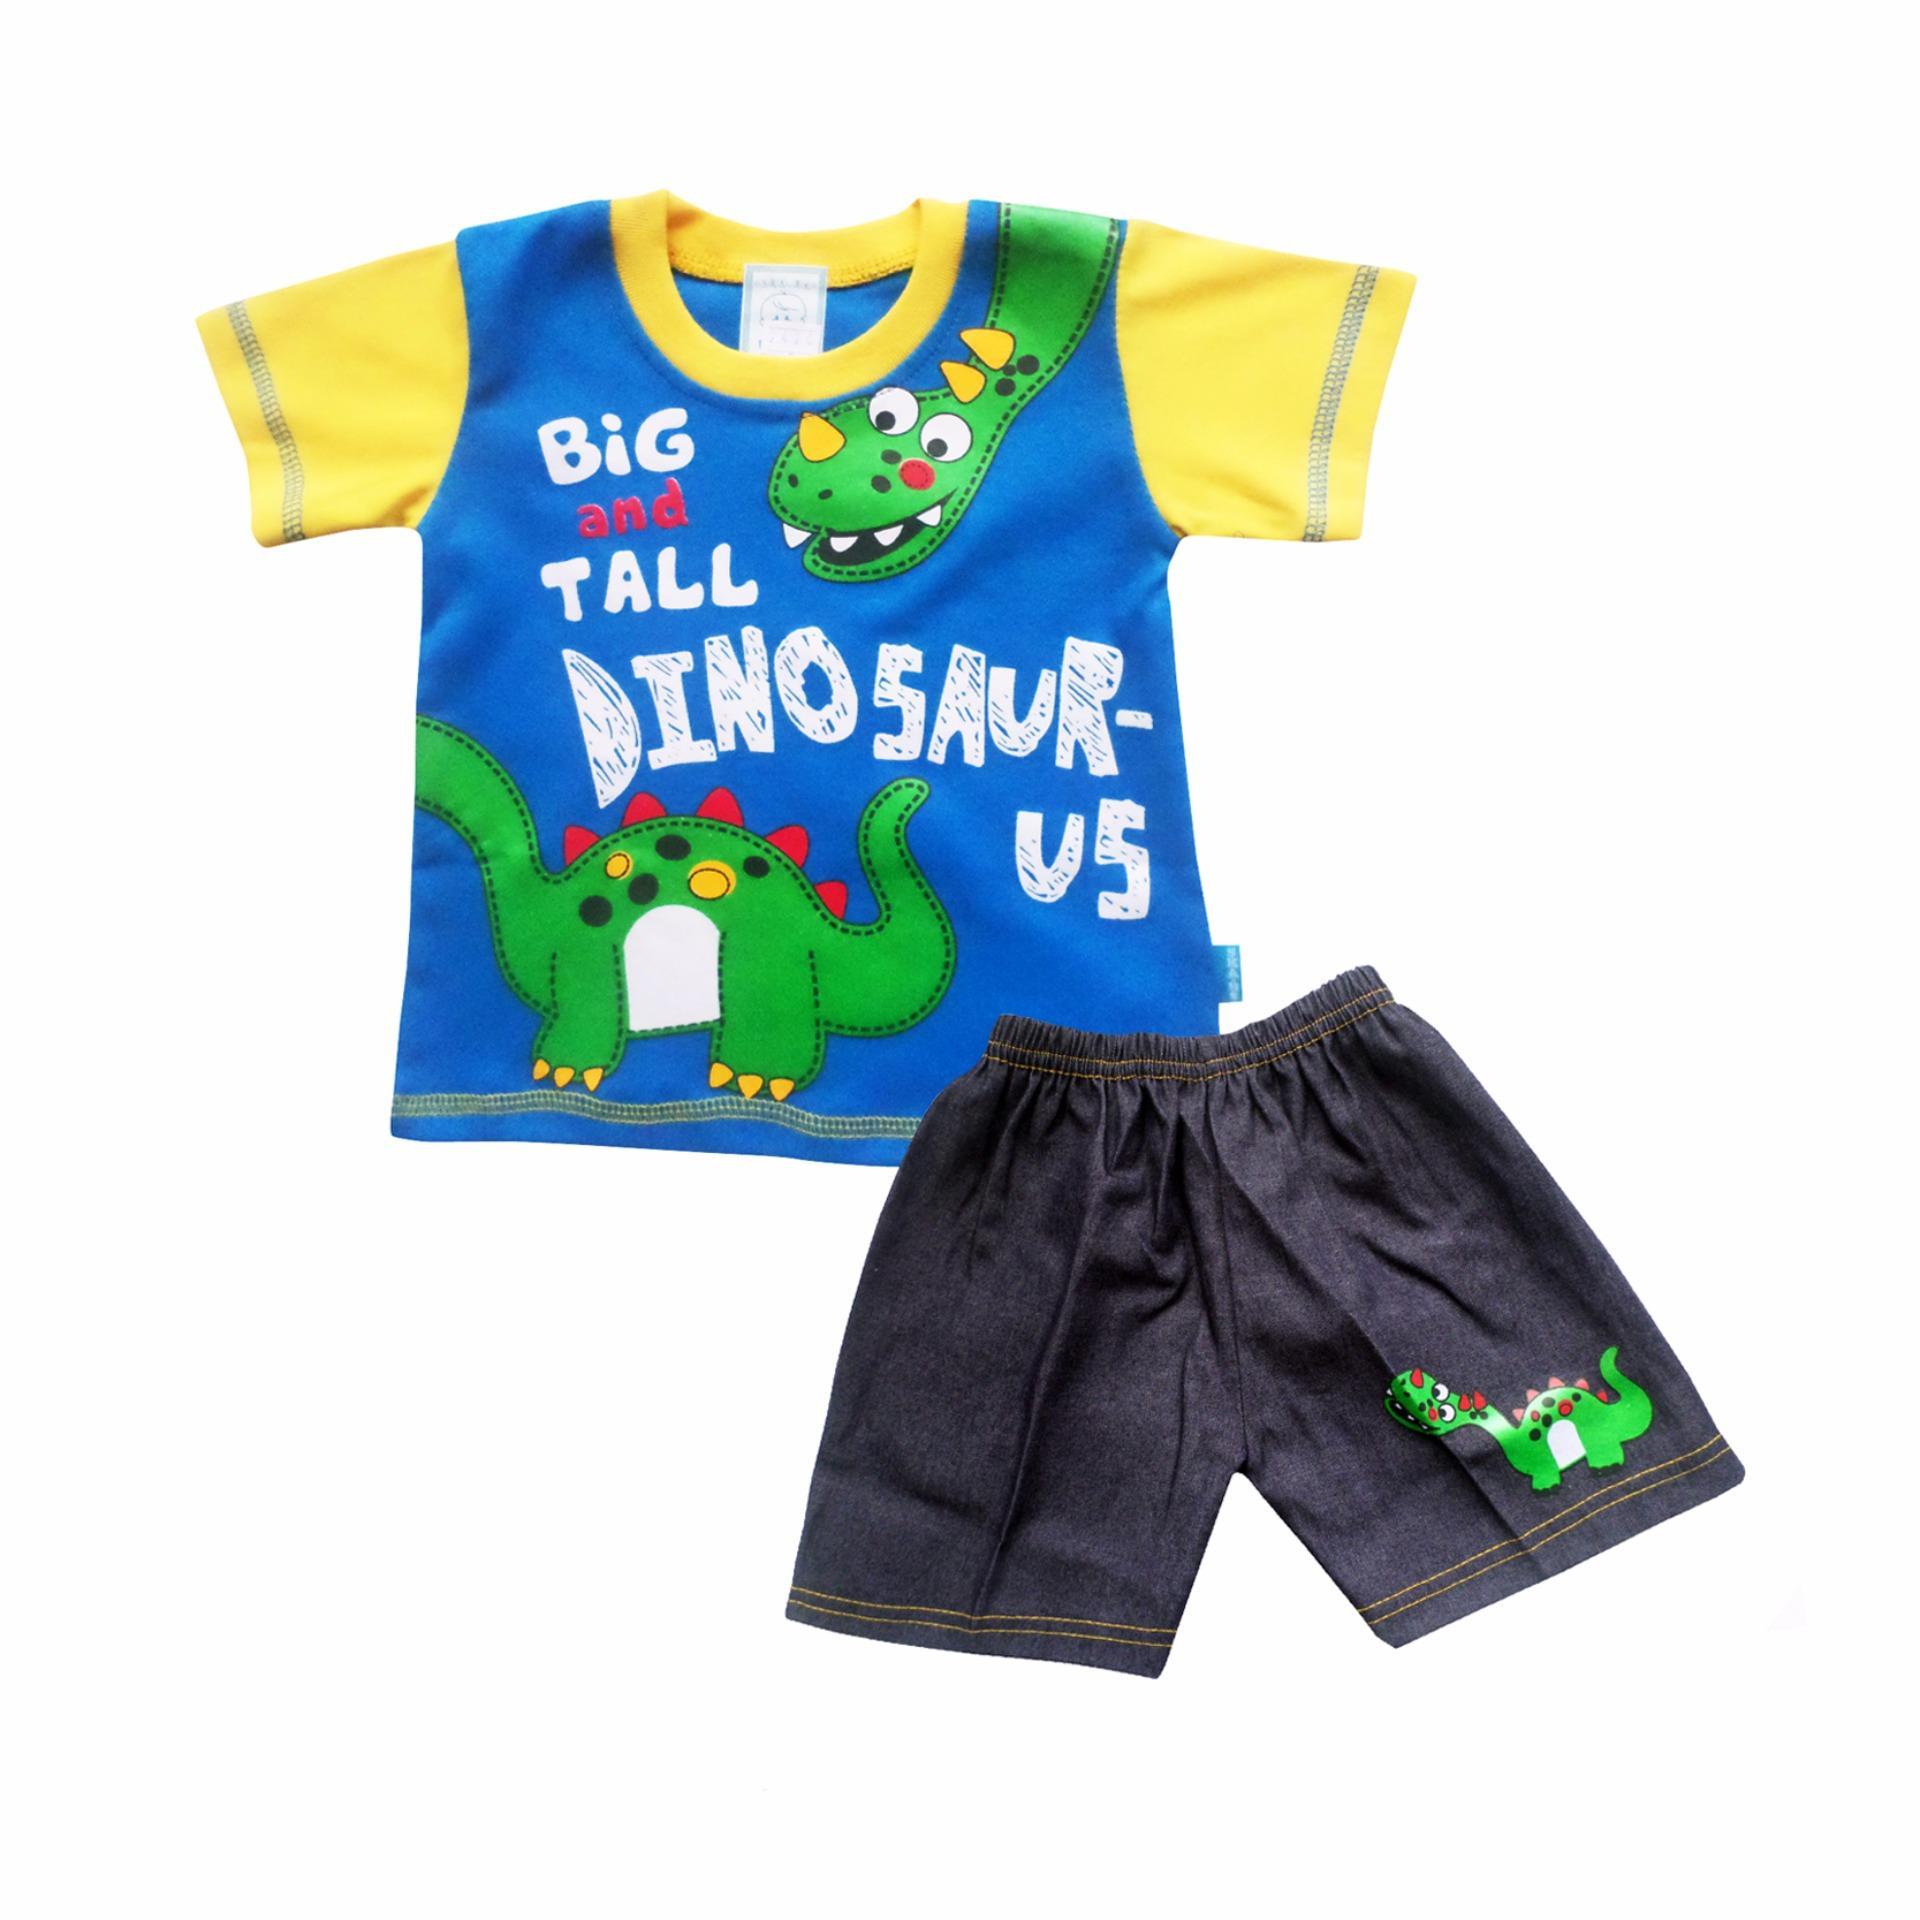 Hot Deals SKABe Baby W/Tua Tangan Pendek Stelan Jeans 2420 - Biru terbaik murah